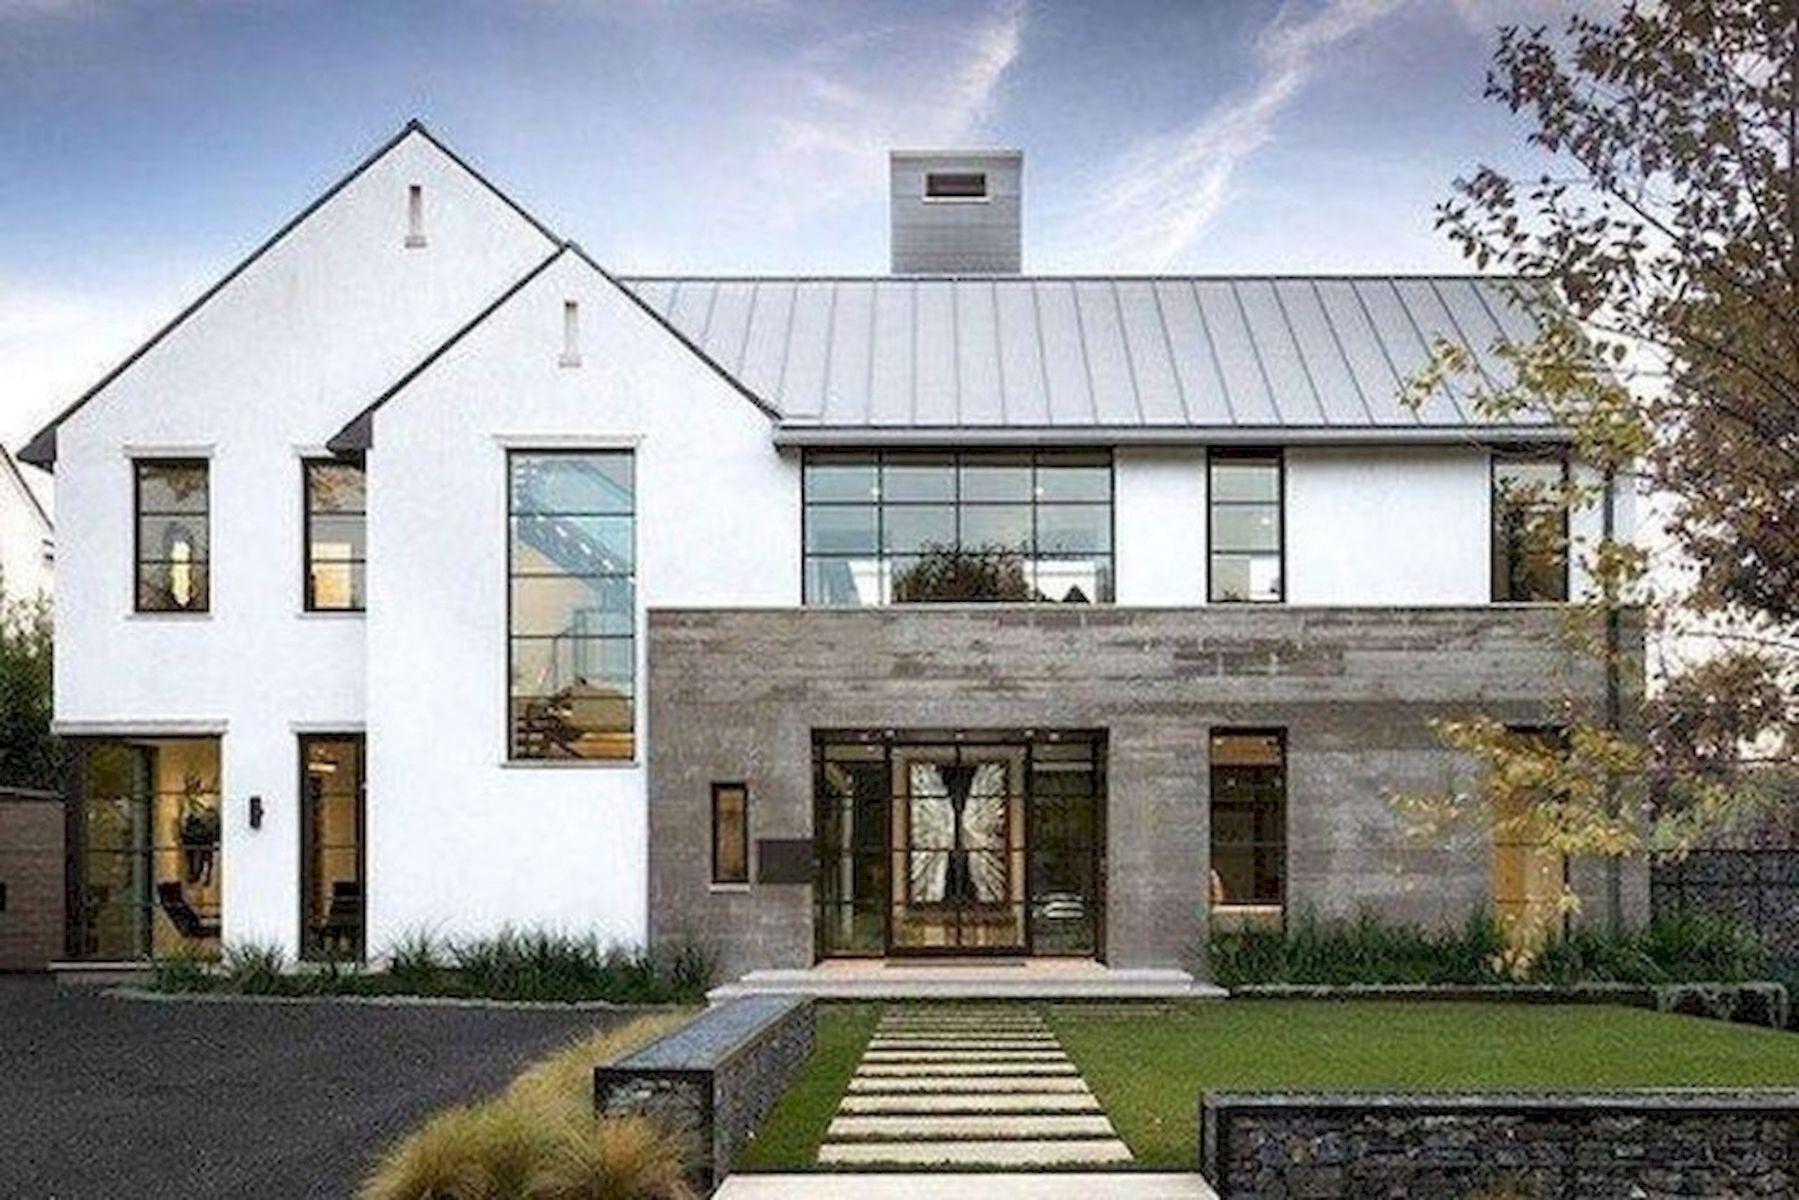 46 Awesome Farmhouse Home Exterior Design Ideas (31)